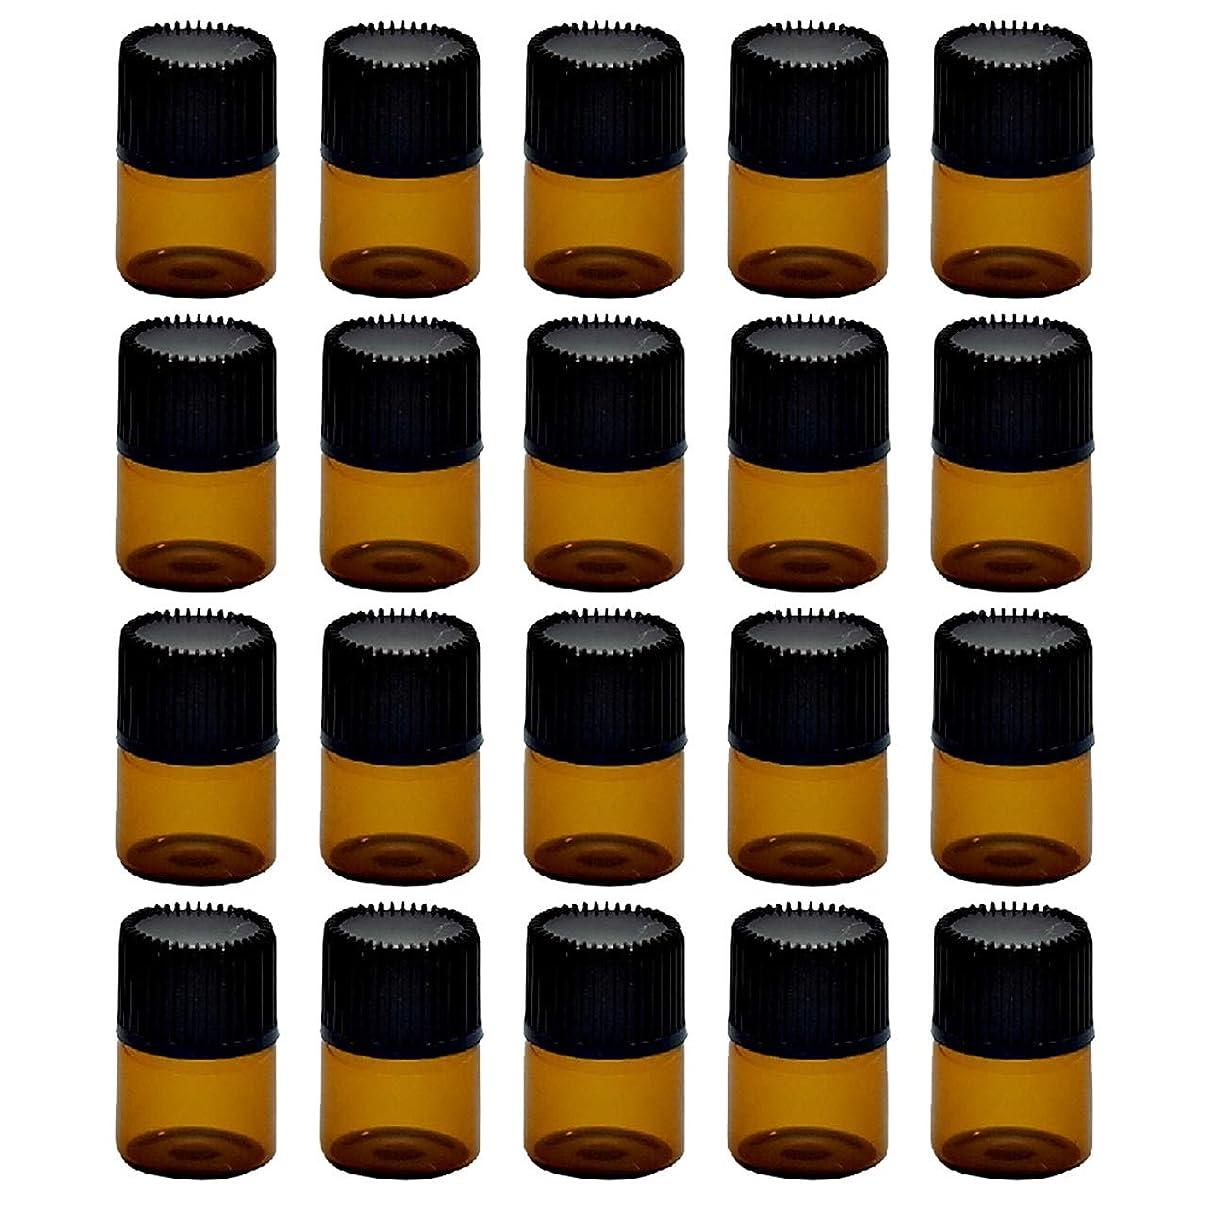 表示そのような野心ZERONOWA 遮光瓶 アロマオイル 精油 小分け 保存 詰め替え 遮光ガラス瓶 (1ml20個セット)